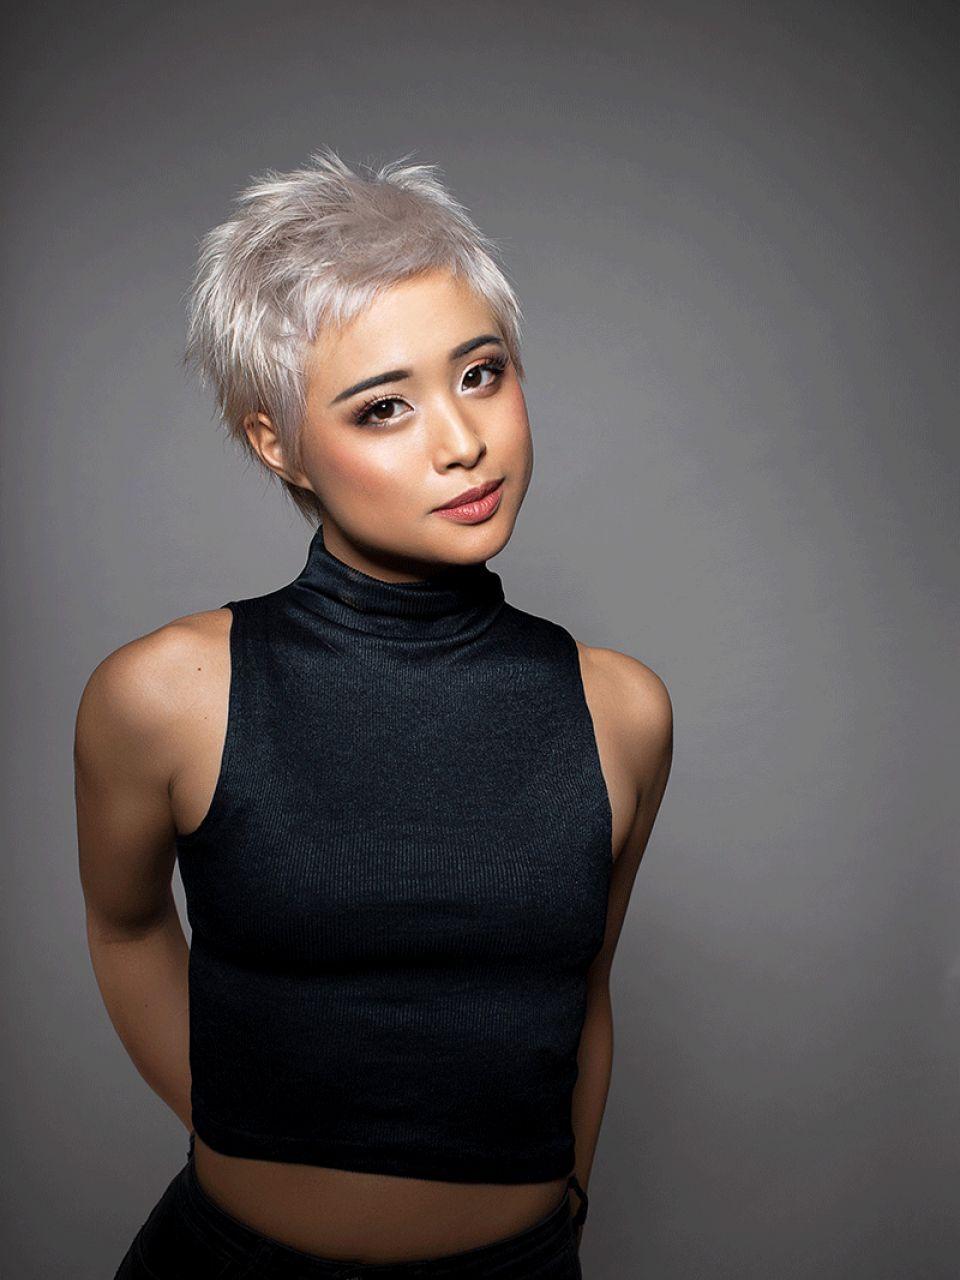 Damen undercut 2021 frisuren Die 50